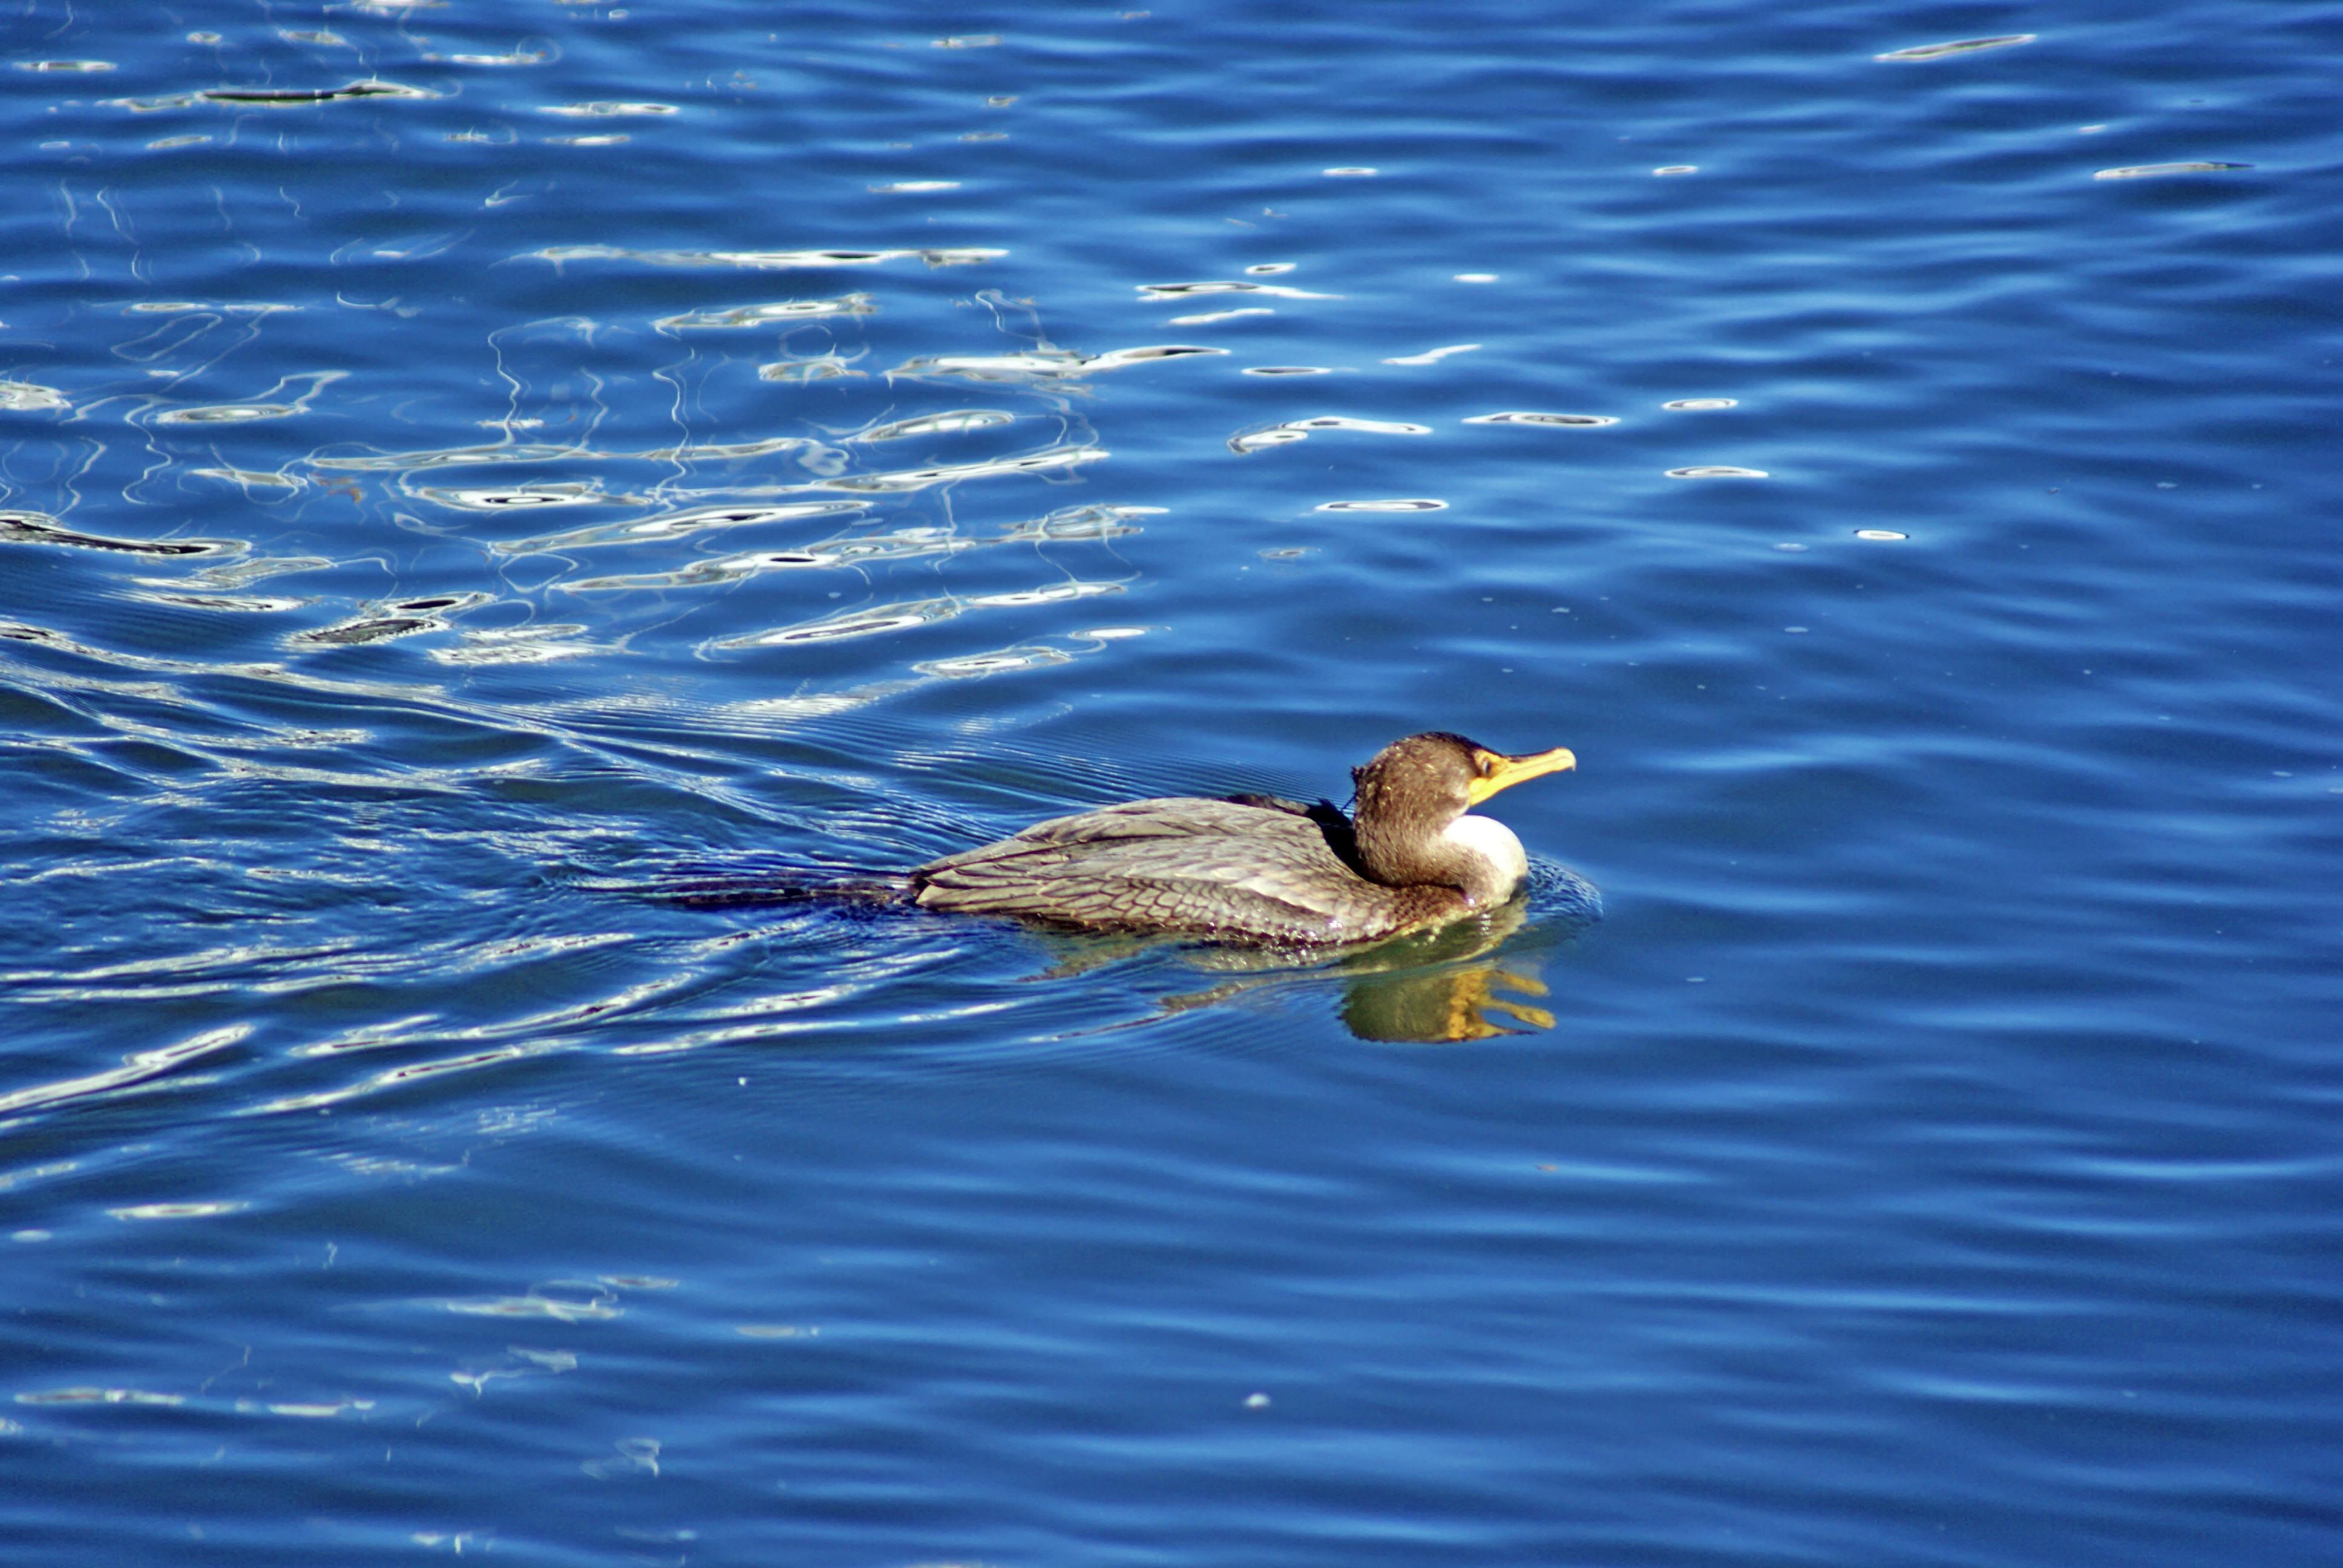 Loon Swimming, Air, Seagull, Ocean, One, HQ Photo